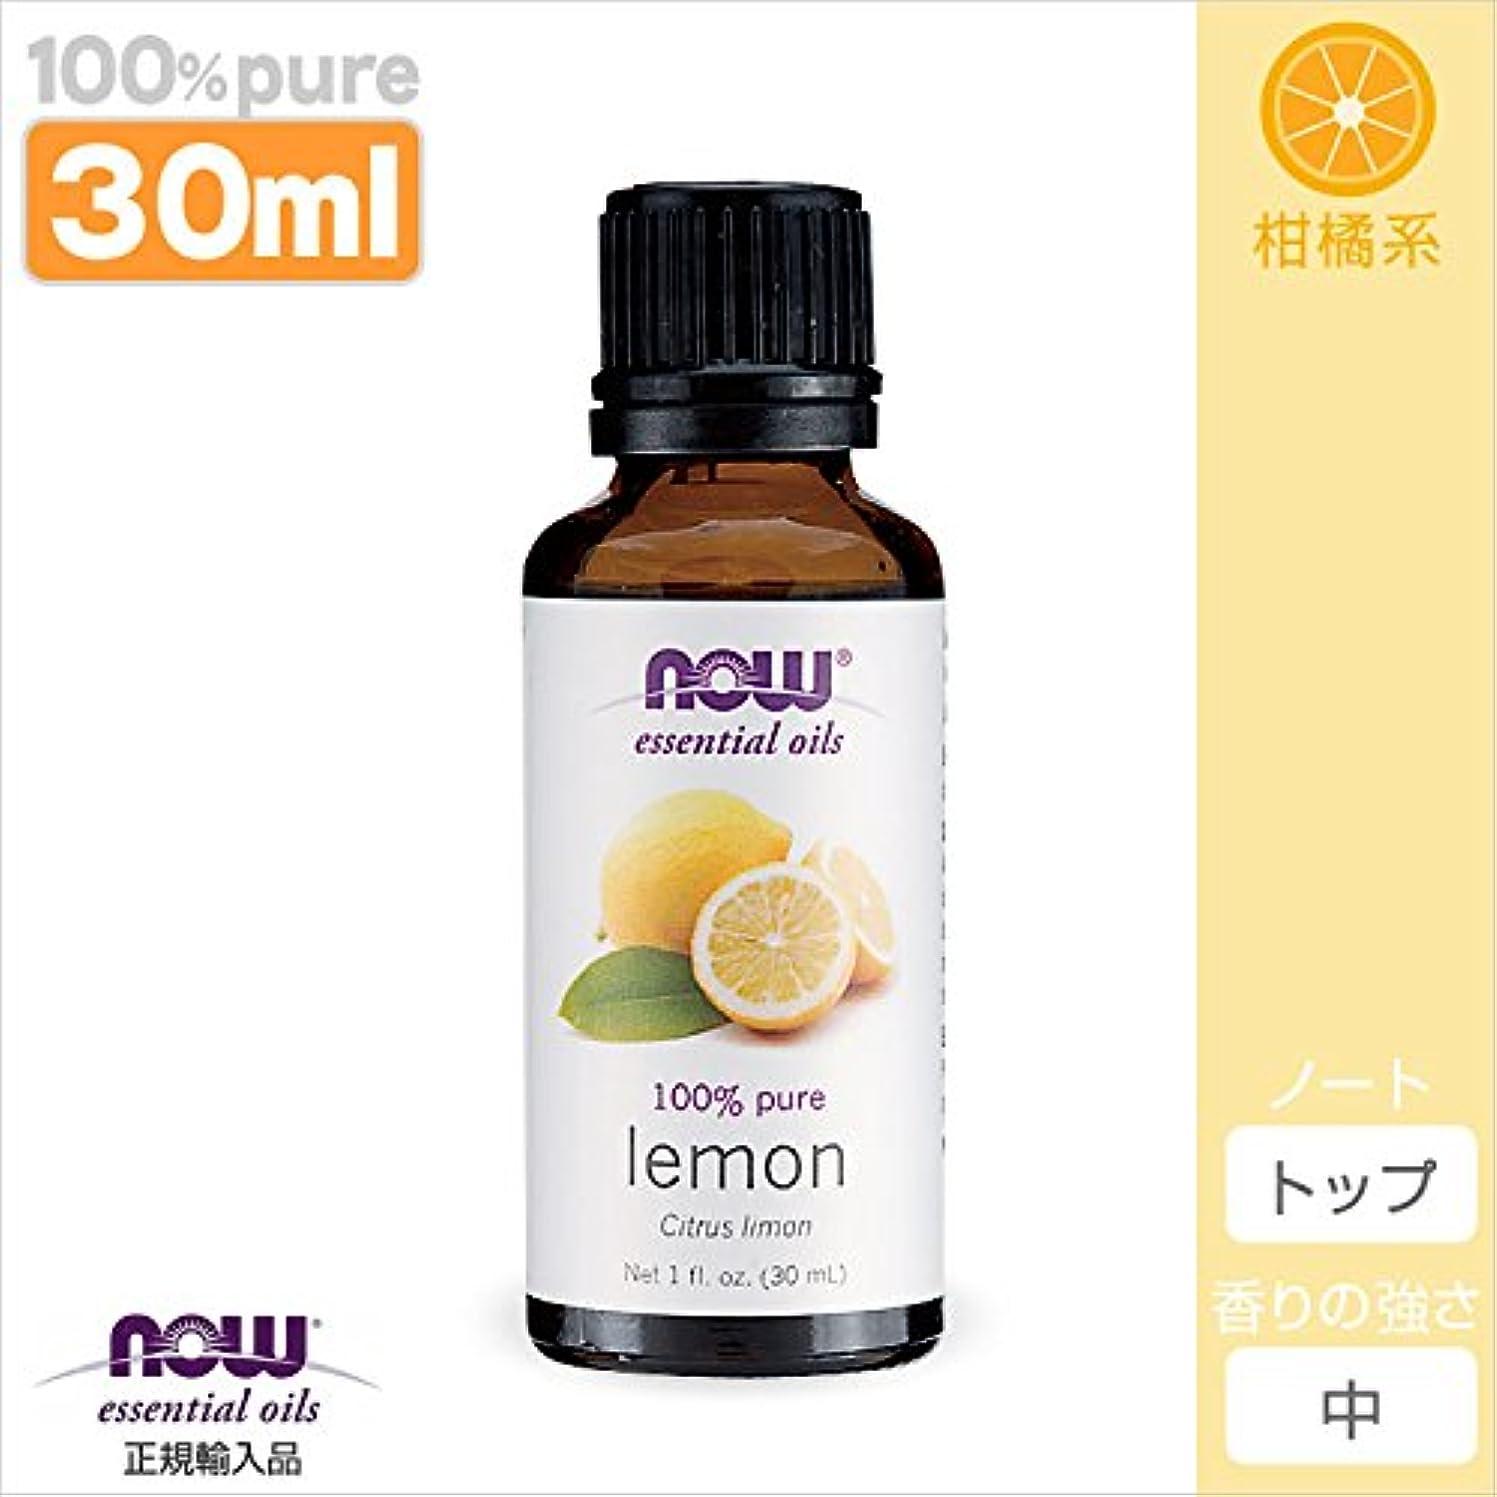 味付け頂点トラップレモン 精油[30ml] 【正規輸入品】 NOWエッセンシャルオイル(アロマオイル)